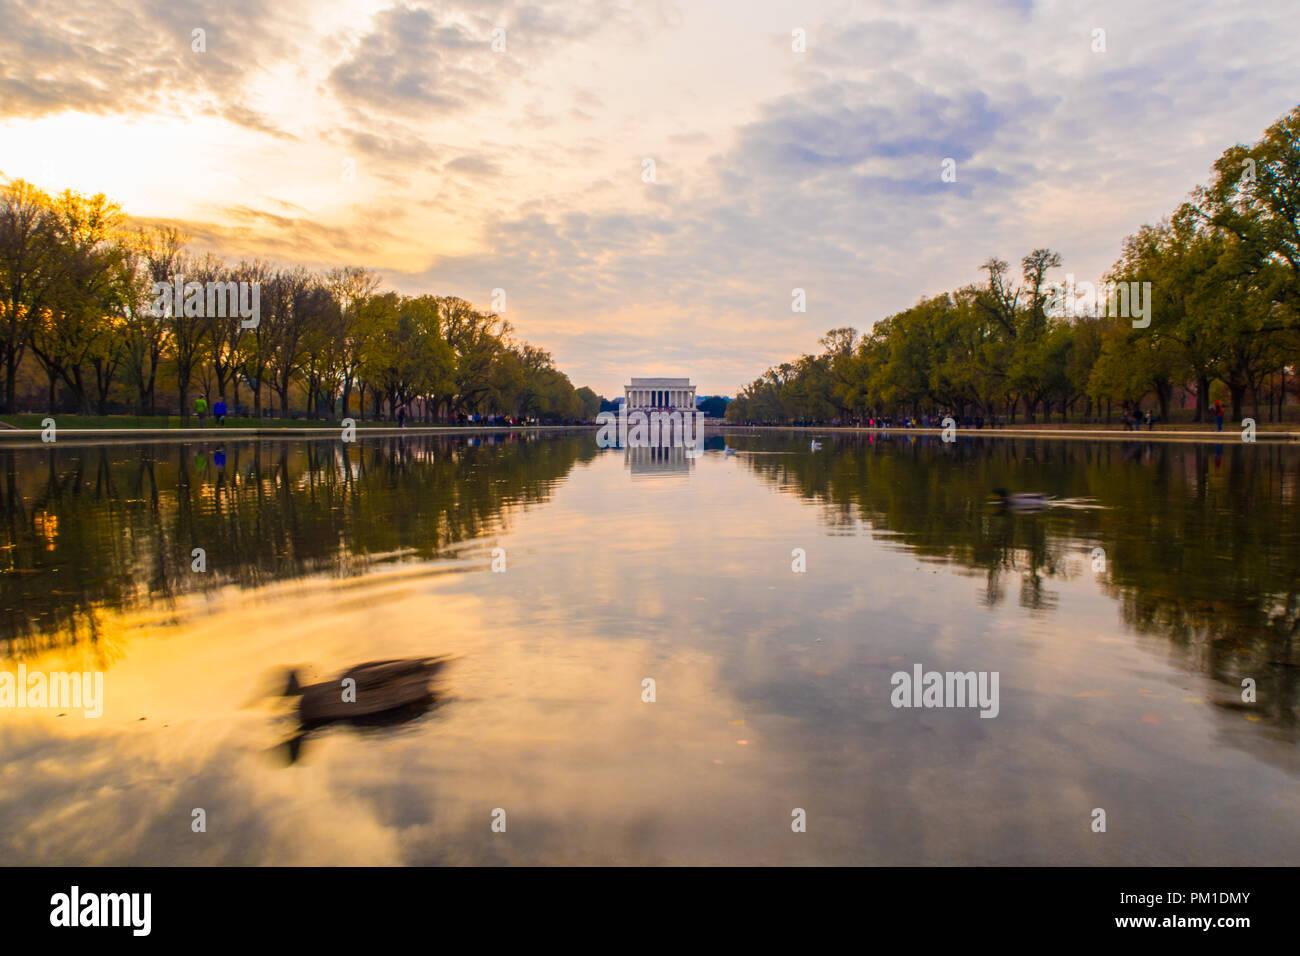 La Abraham Lincoln Memorial da tutta la piscina riflettente. Washington DC, Stati Uniti d'America. Una vista del Lincoln Memorial da tutta la piscina riflettente. Foto Stock